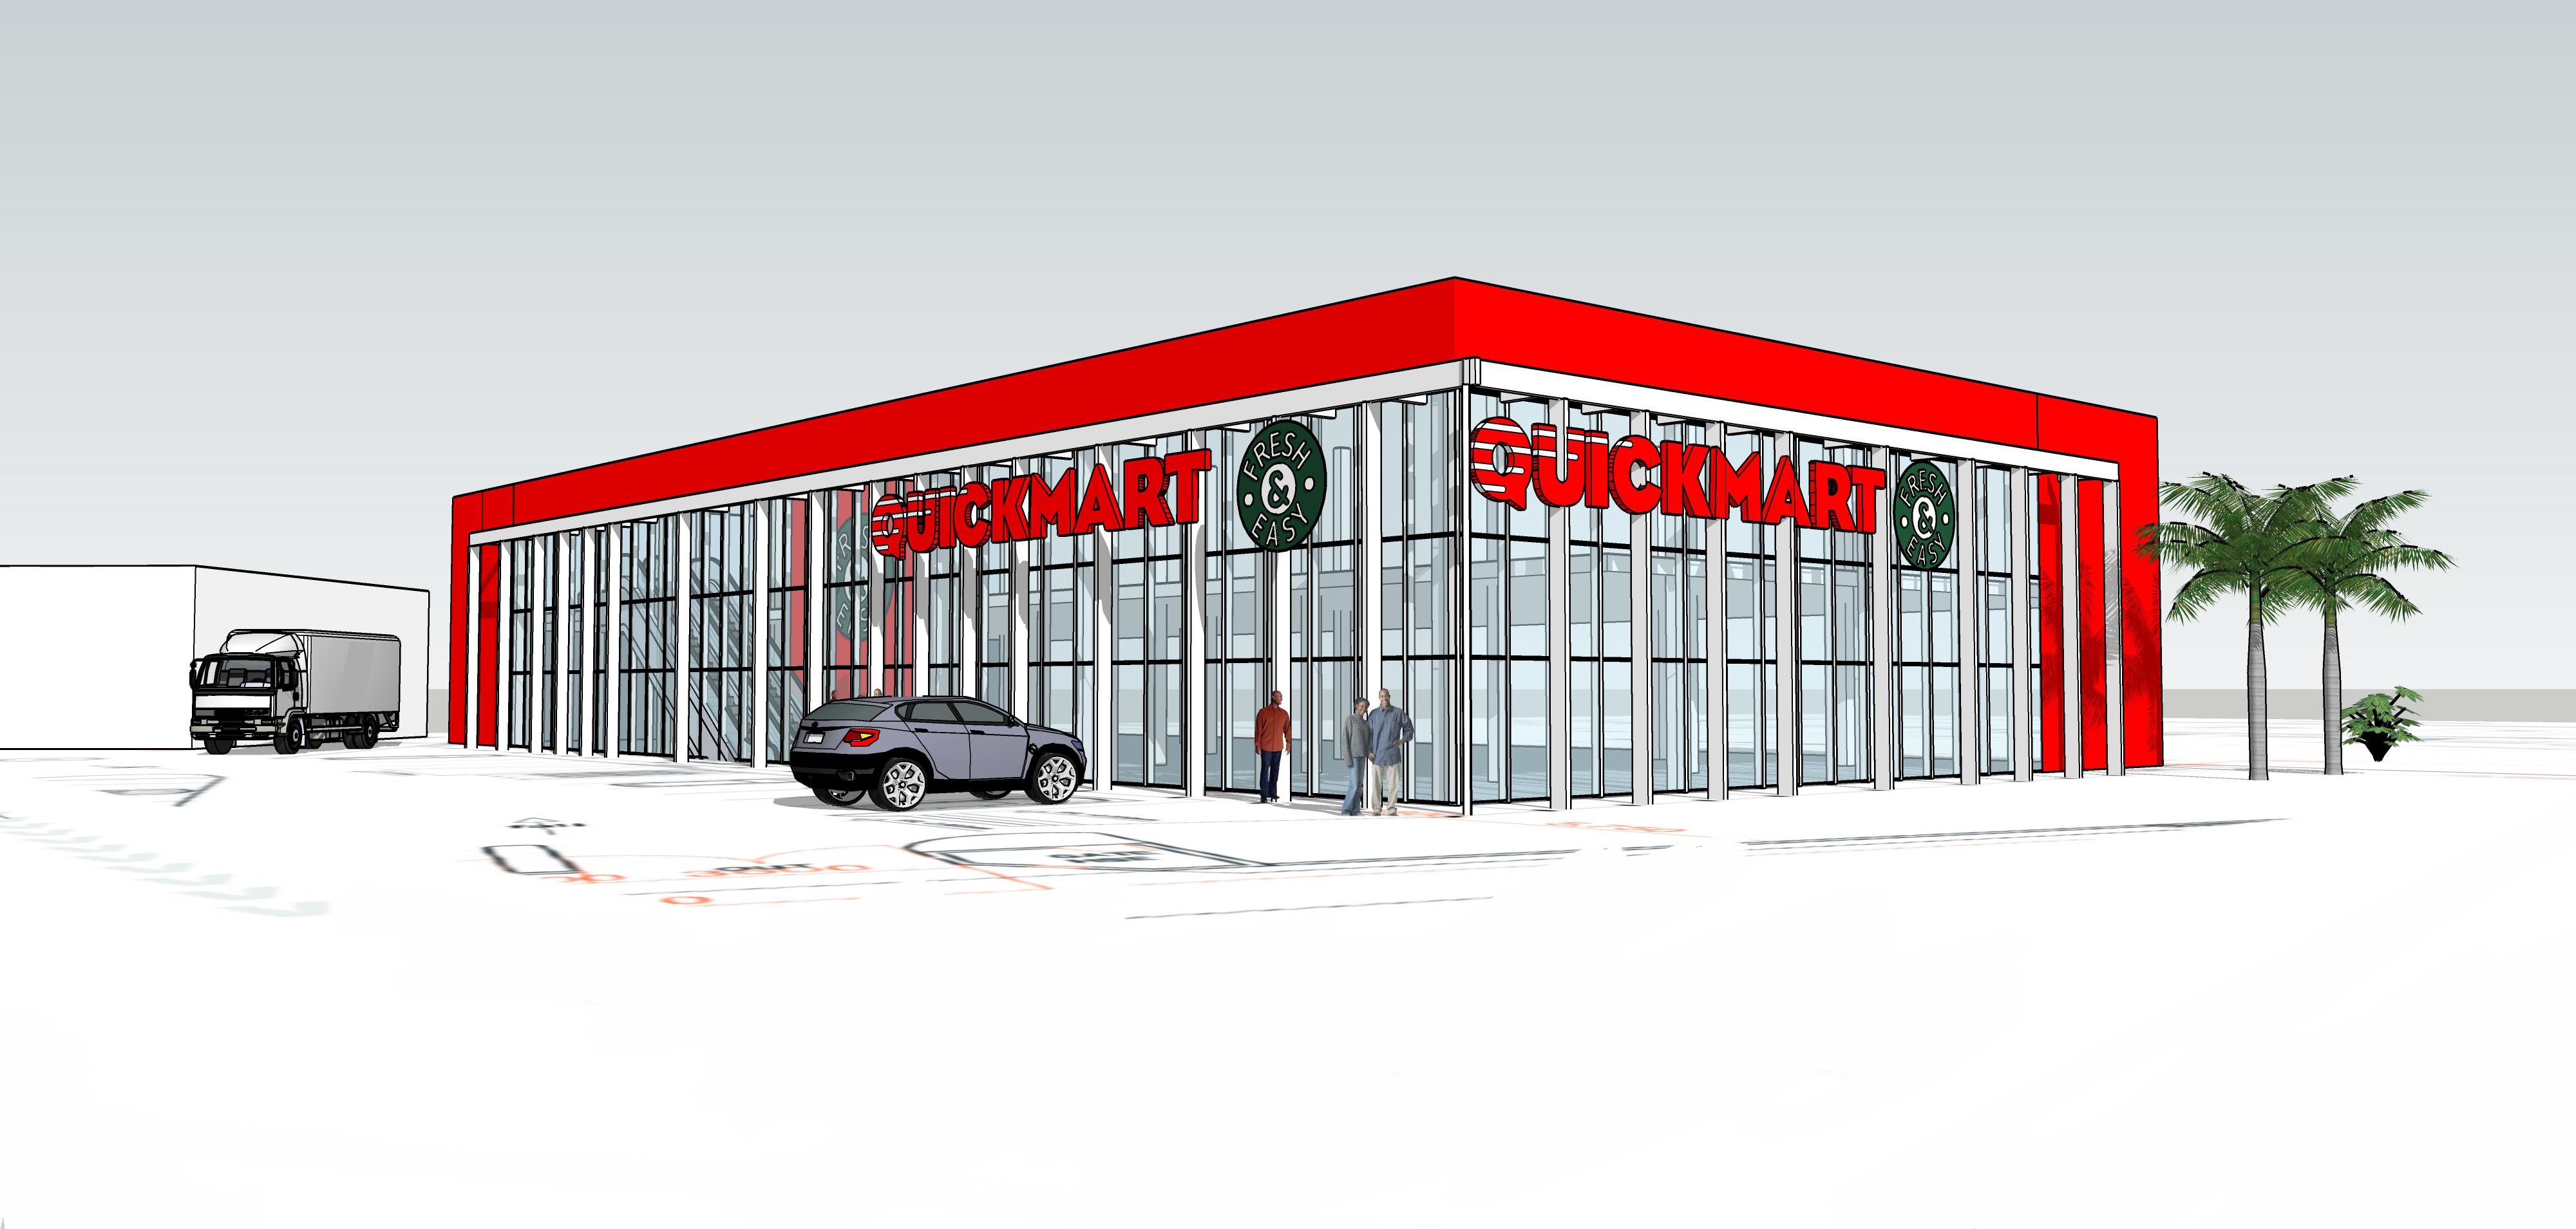 render of store front quickmart